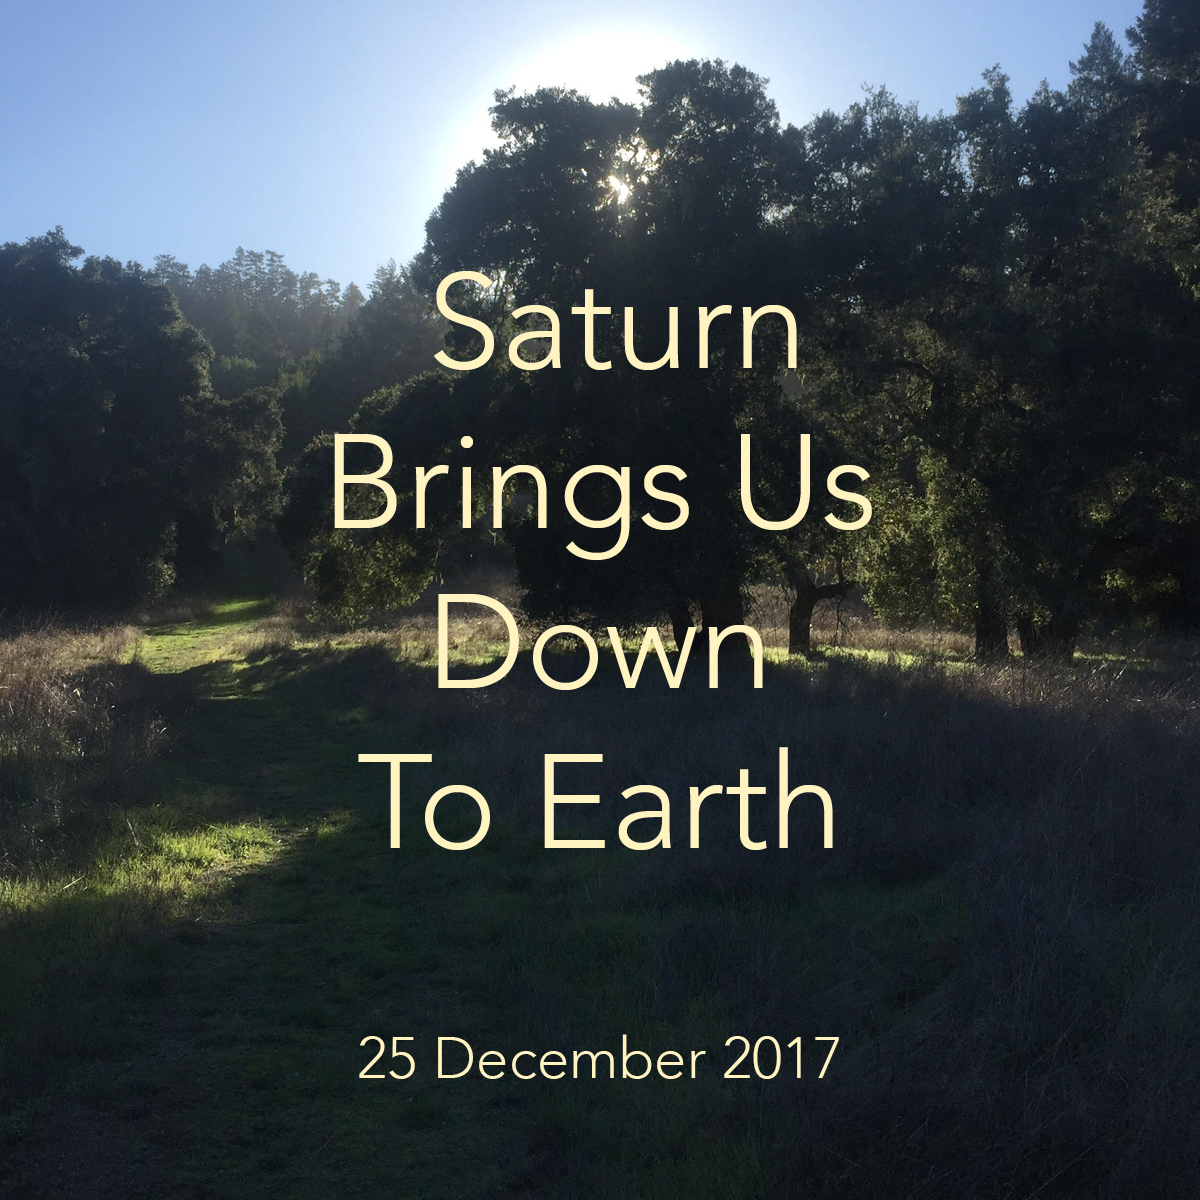 Saturn Brings Us Down To Earth.jpg